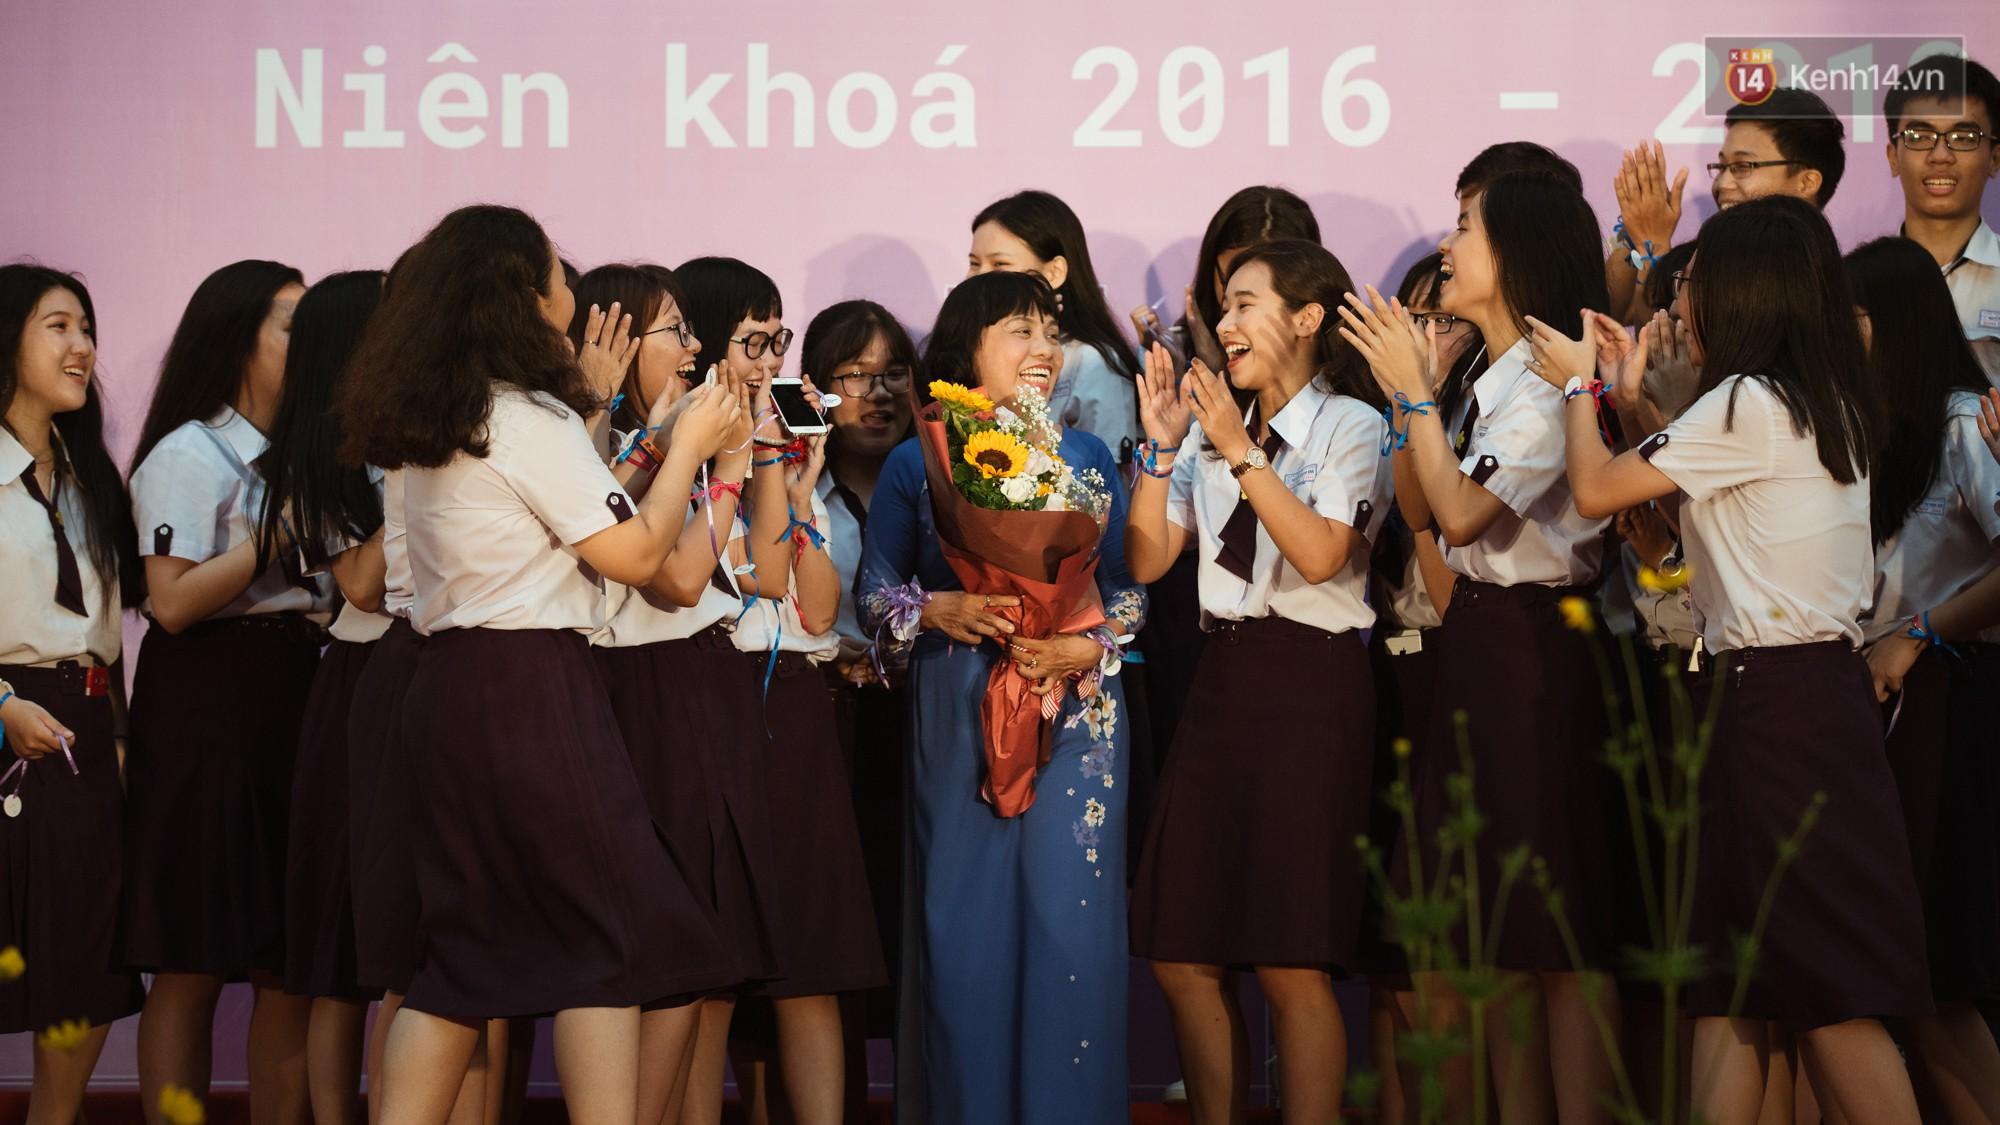 Ảnh 4: Học sinh trường Nguyễn Thị Minh Khai - We25.vn